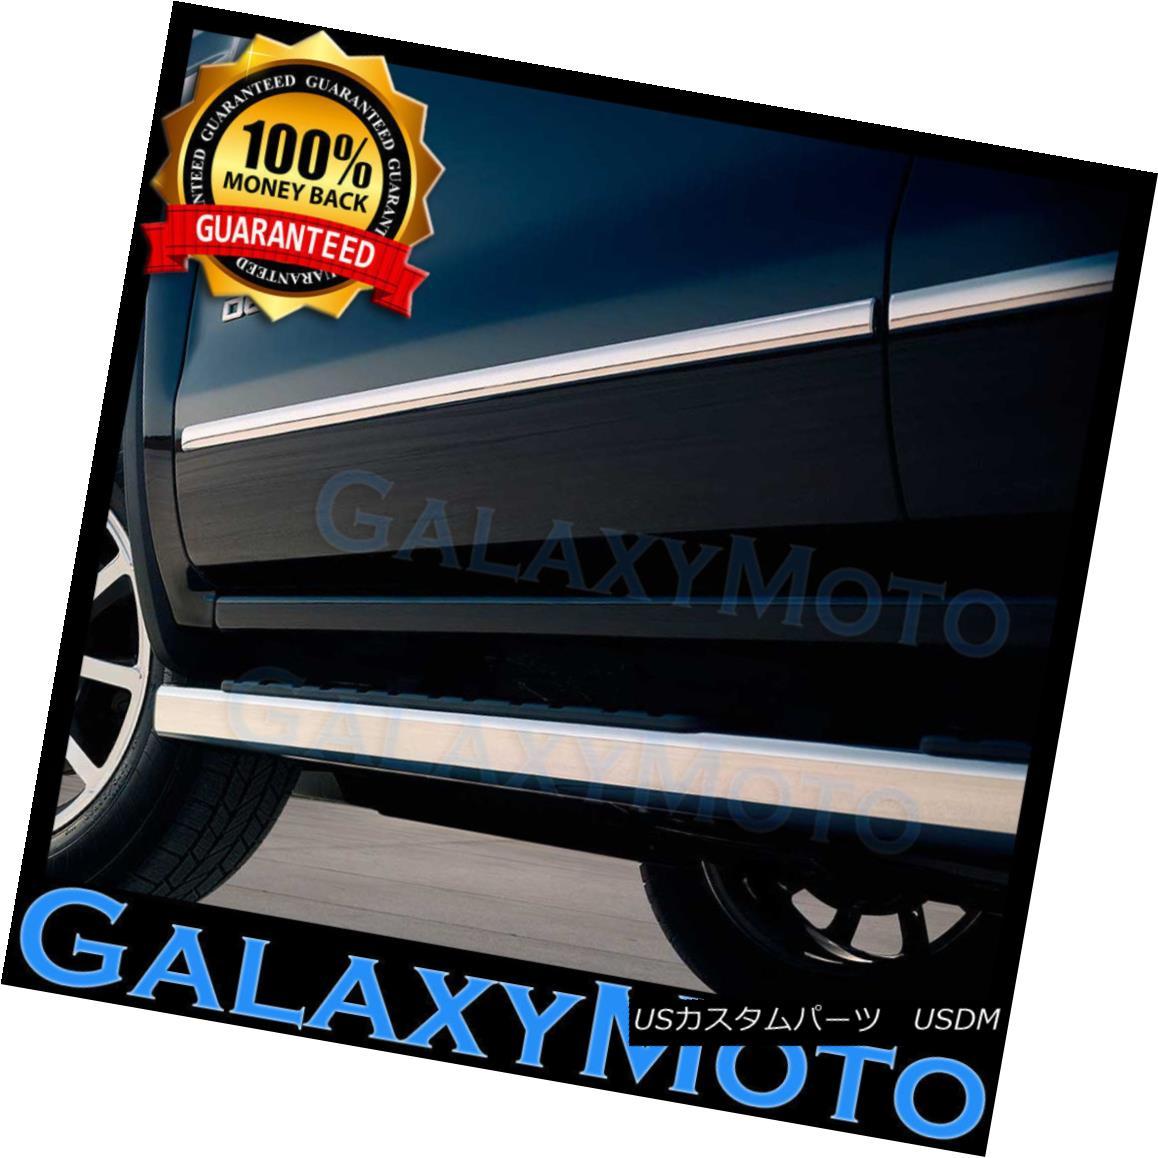 グリル 07-16 FORD EDGE SUV 4 Door Front+Rear Chrome Trim Body Side Molding 4pcs Set 07-16フォードエッジSUV 4ドアフロント+リアクロムトリムボディサイドモールディング4個セット